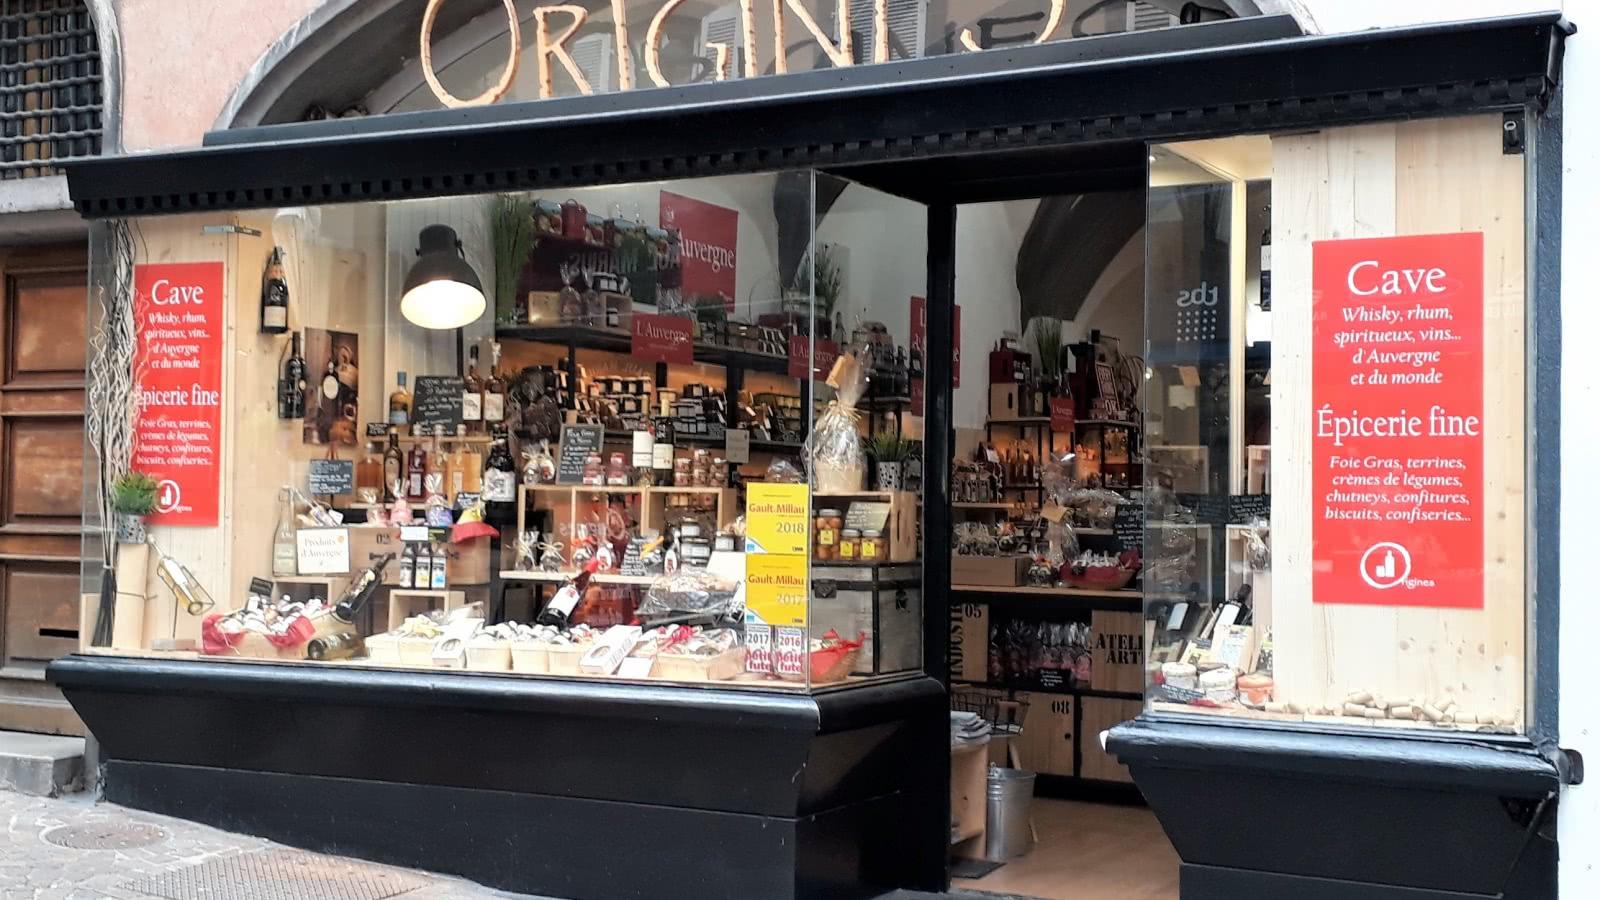 Boutique Origines